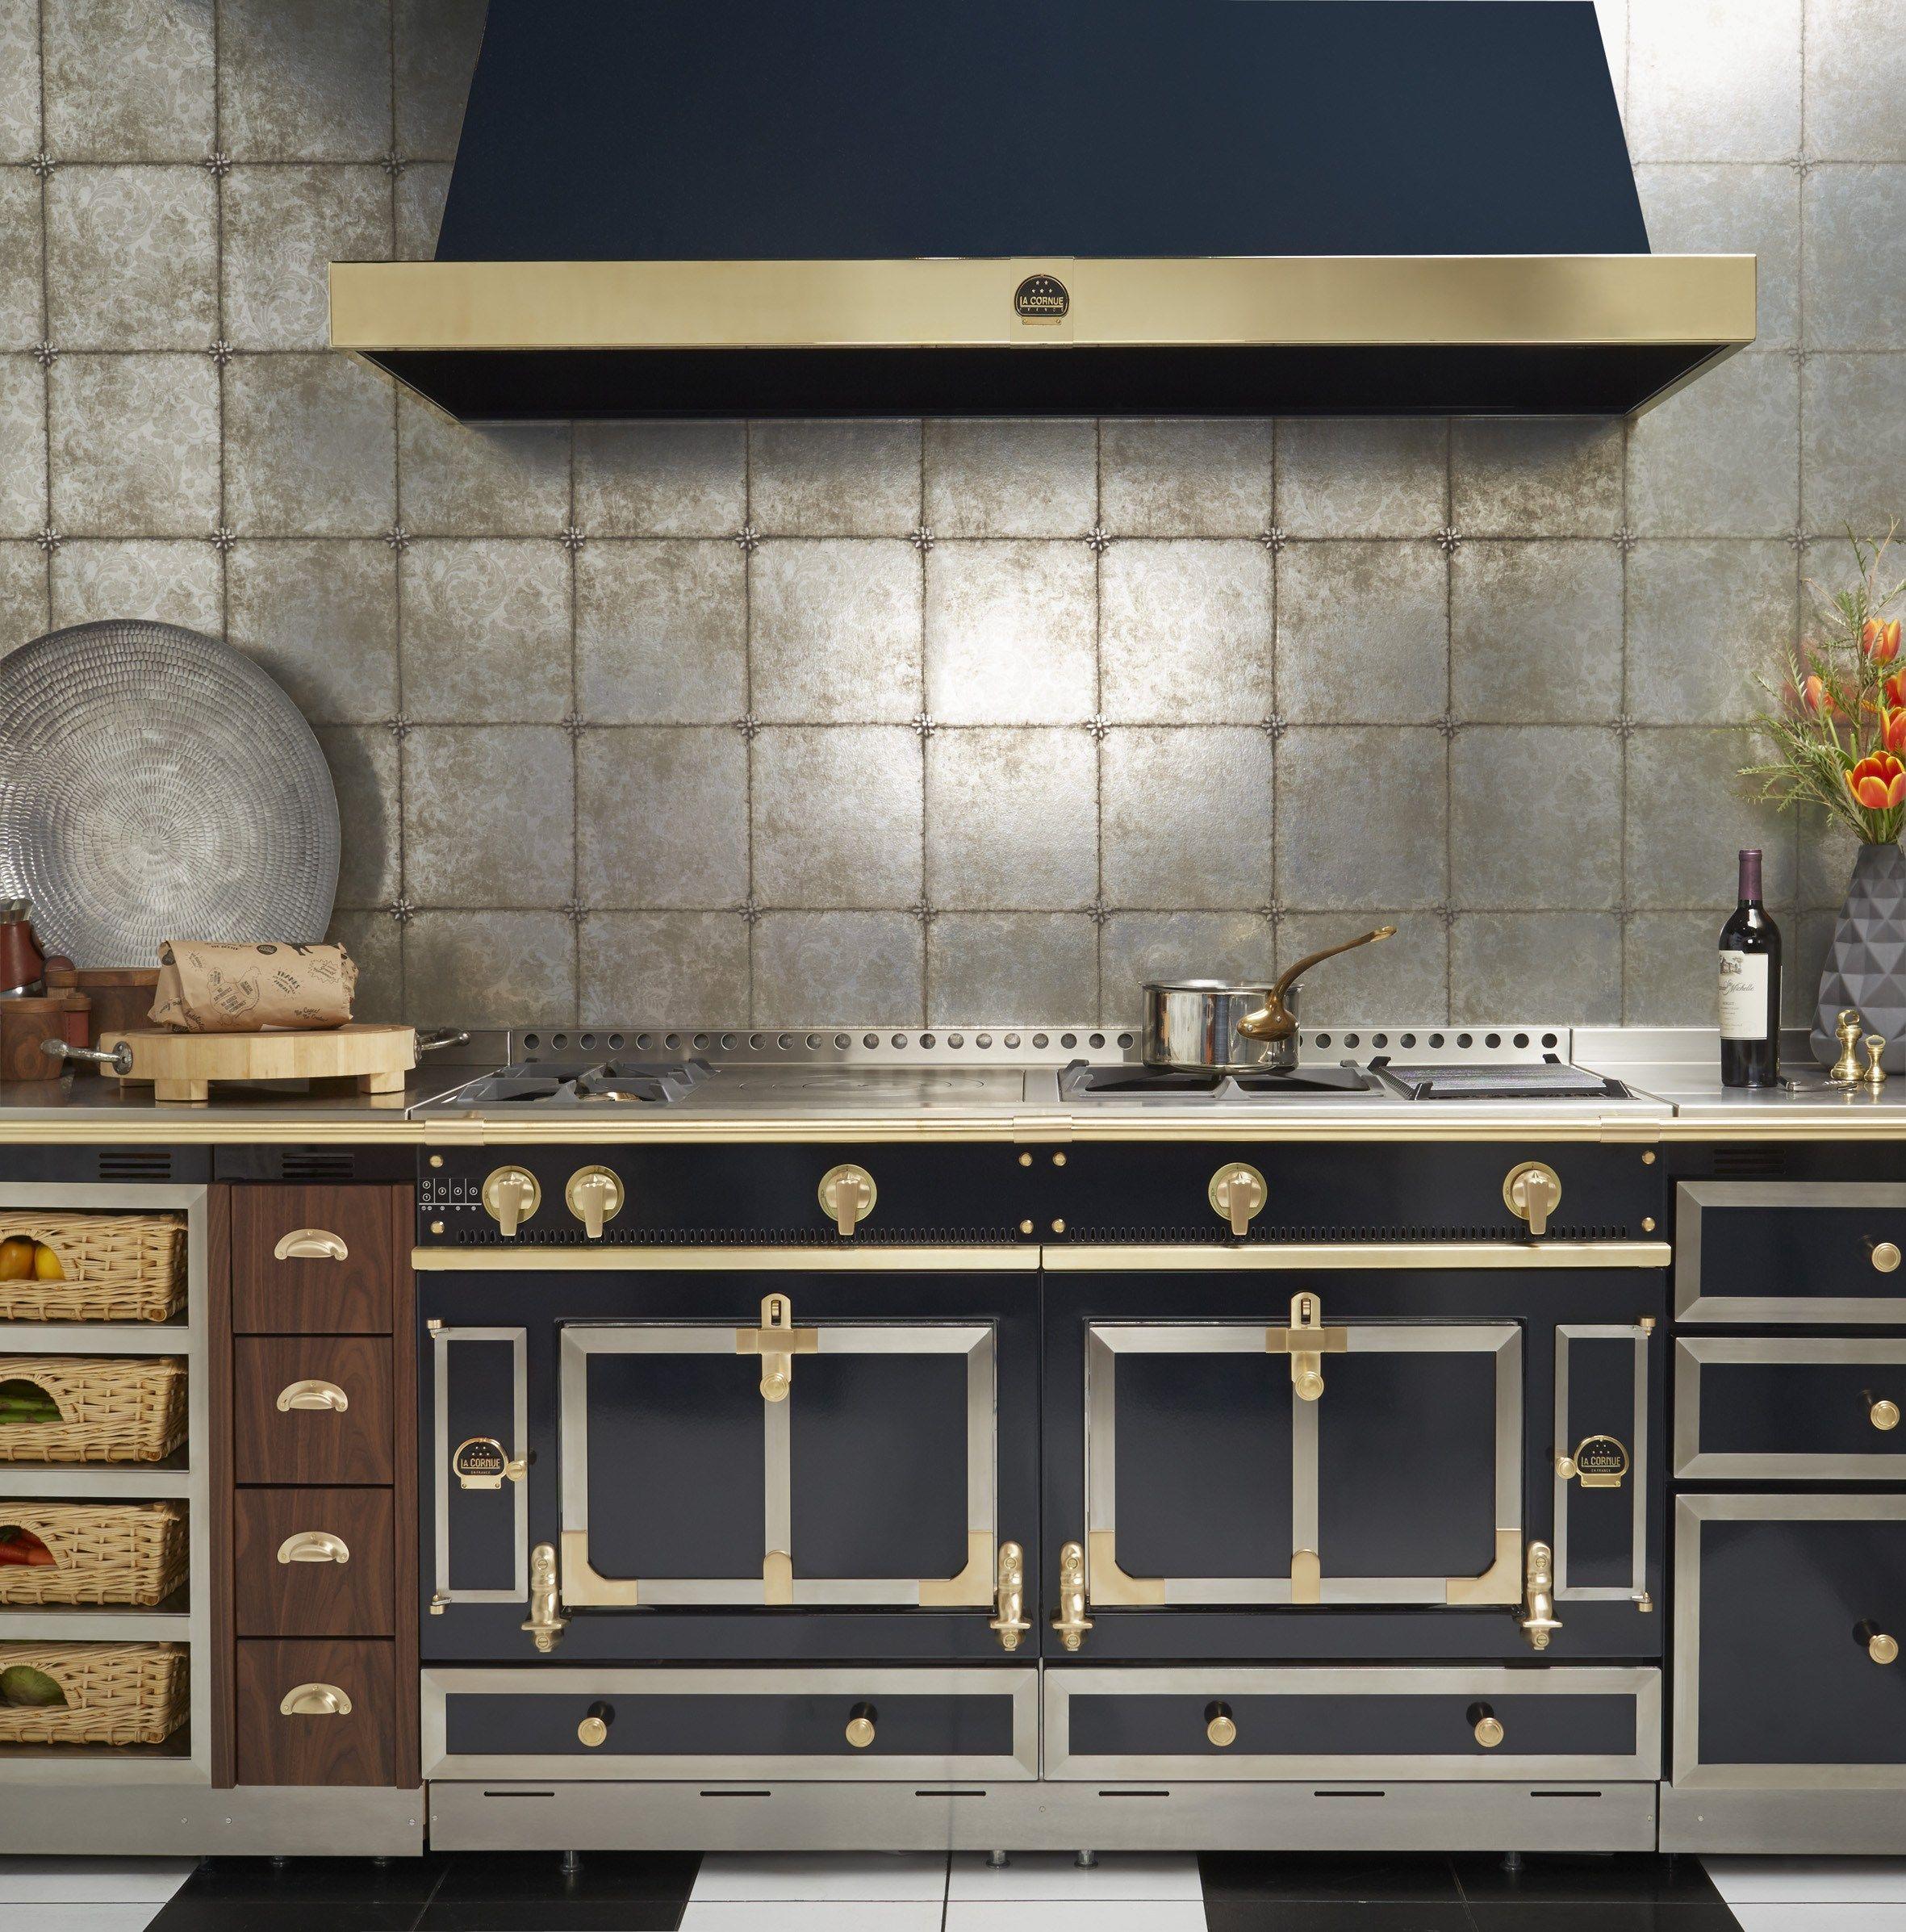 Stainless steel cooker ch teau 150 by la cornue - La cornue cuisiniere prix ...